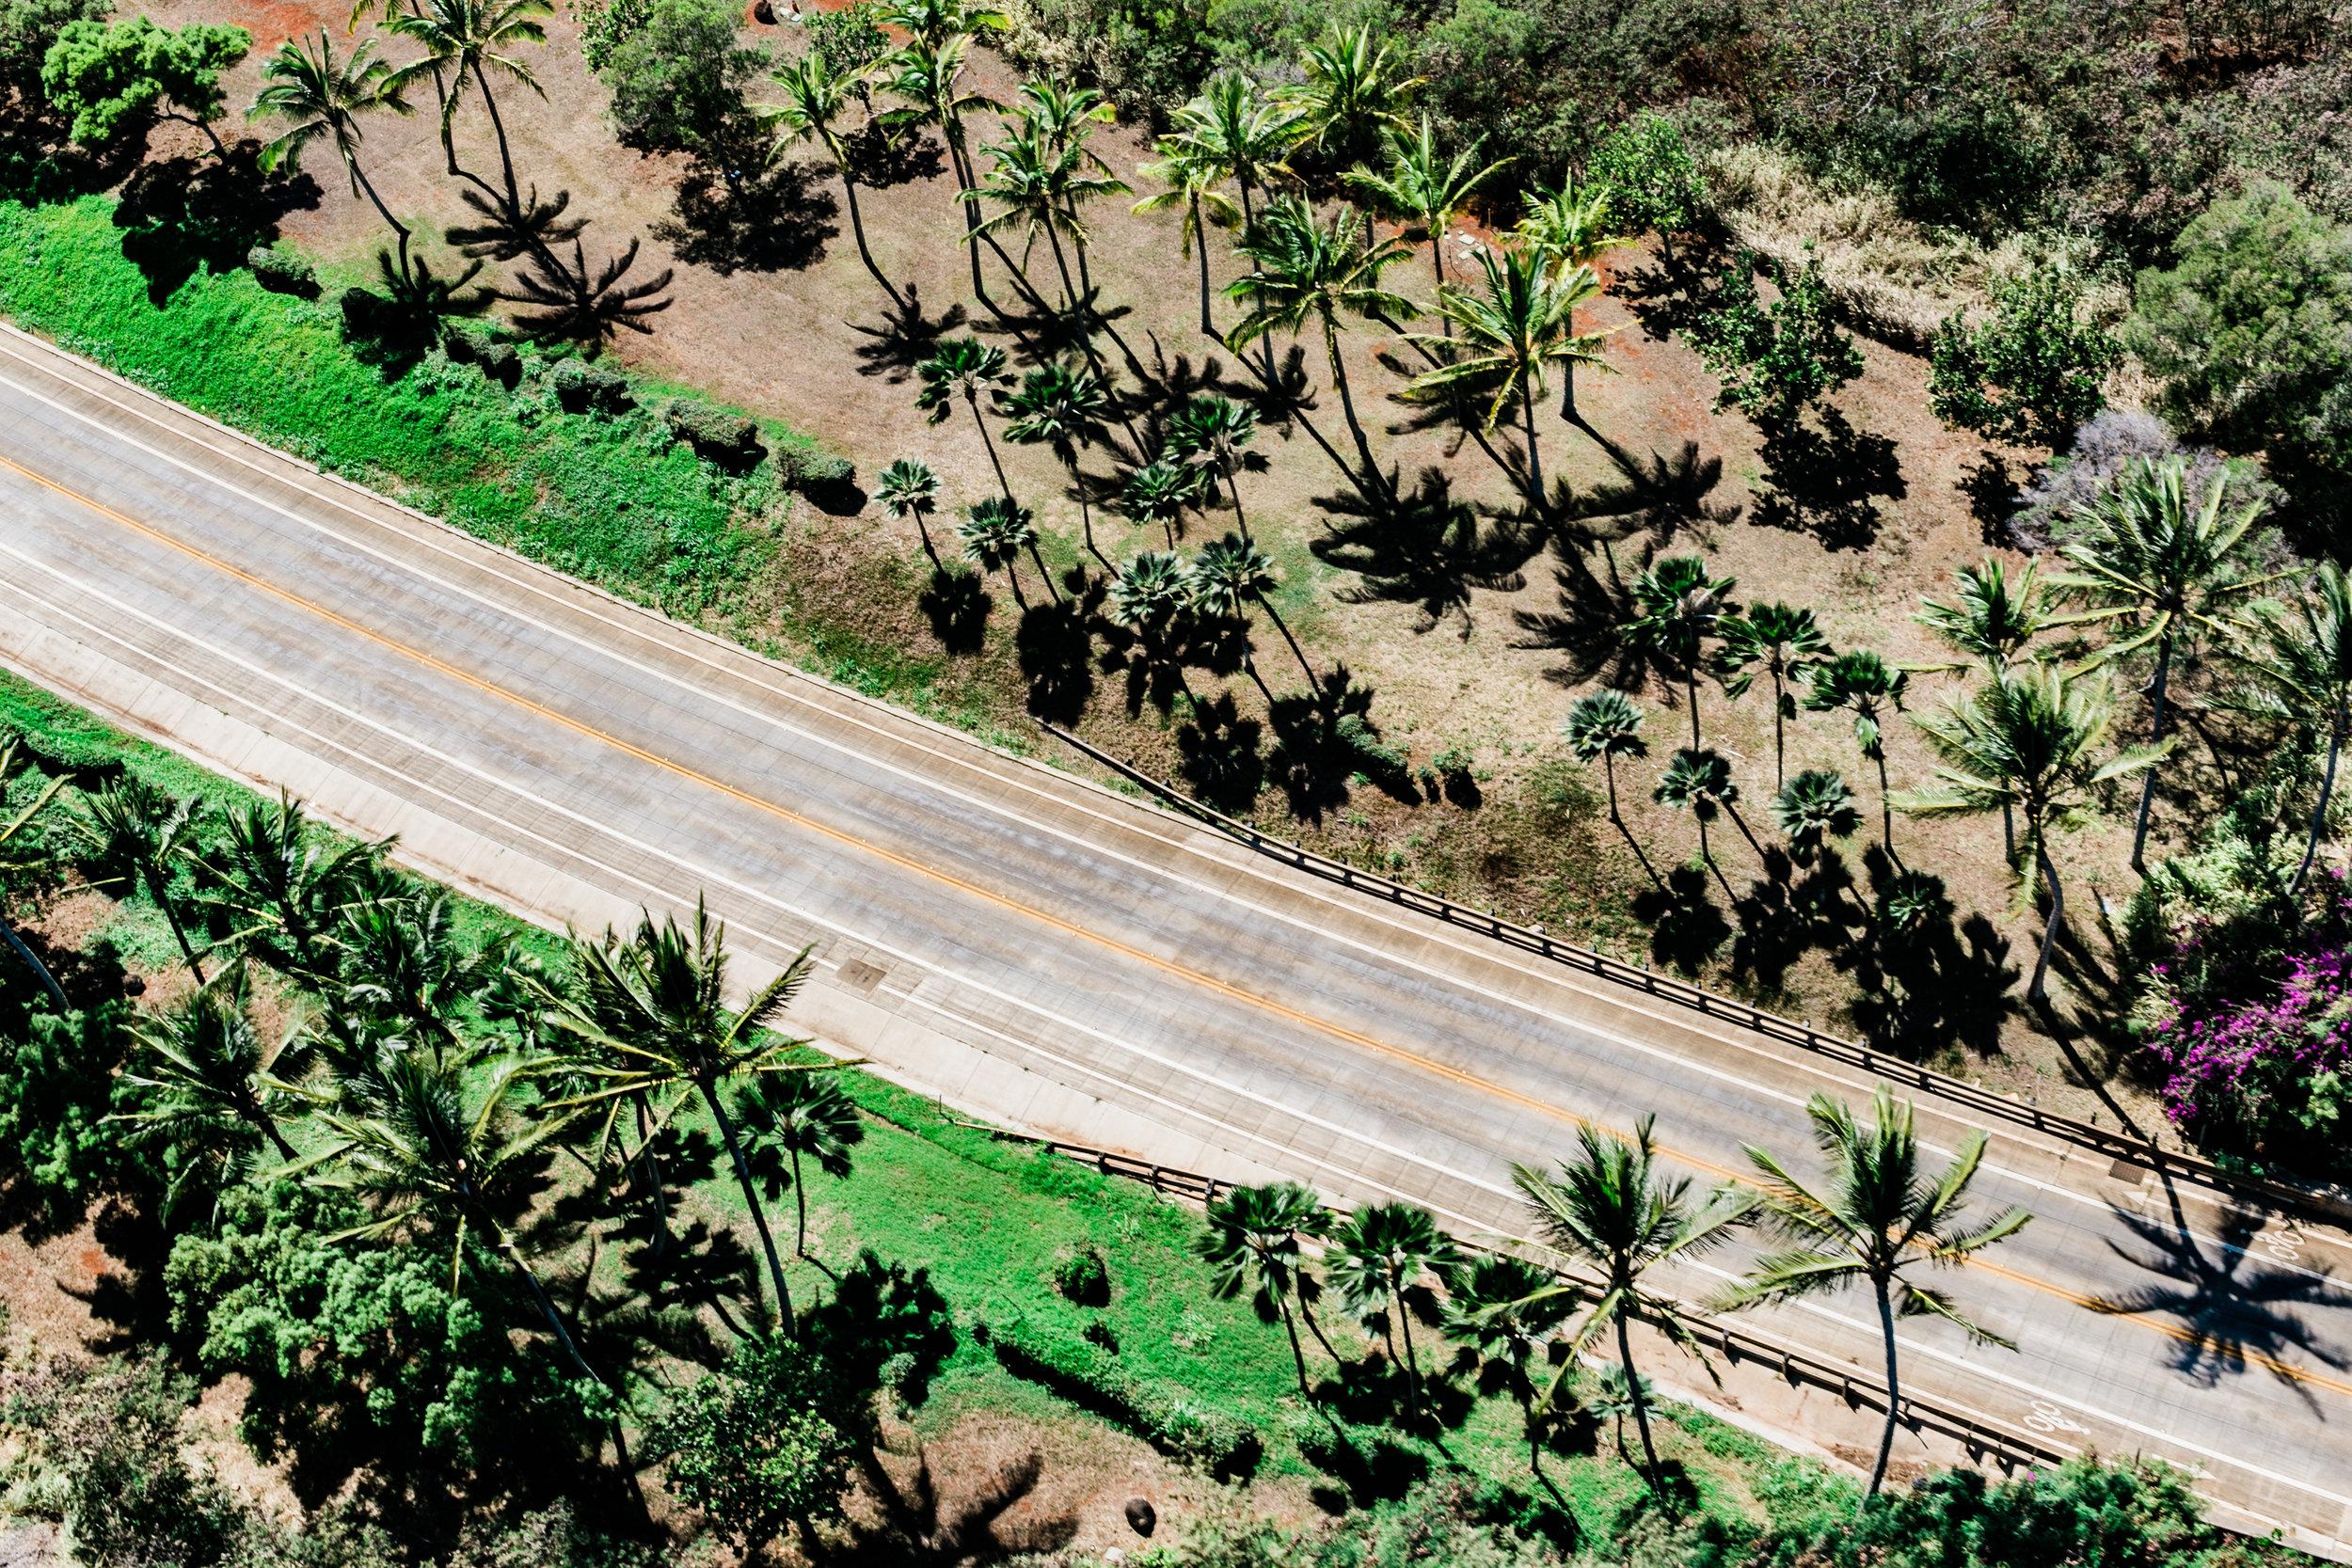 Kauaiphotos0449.jpg